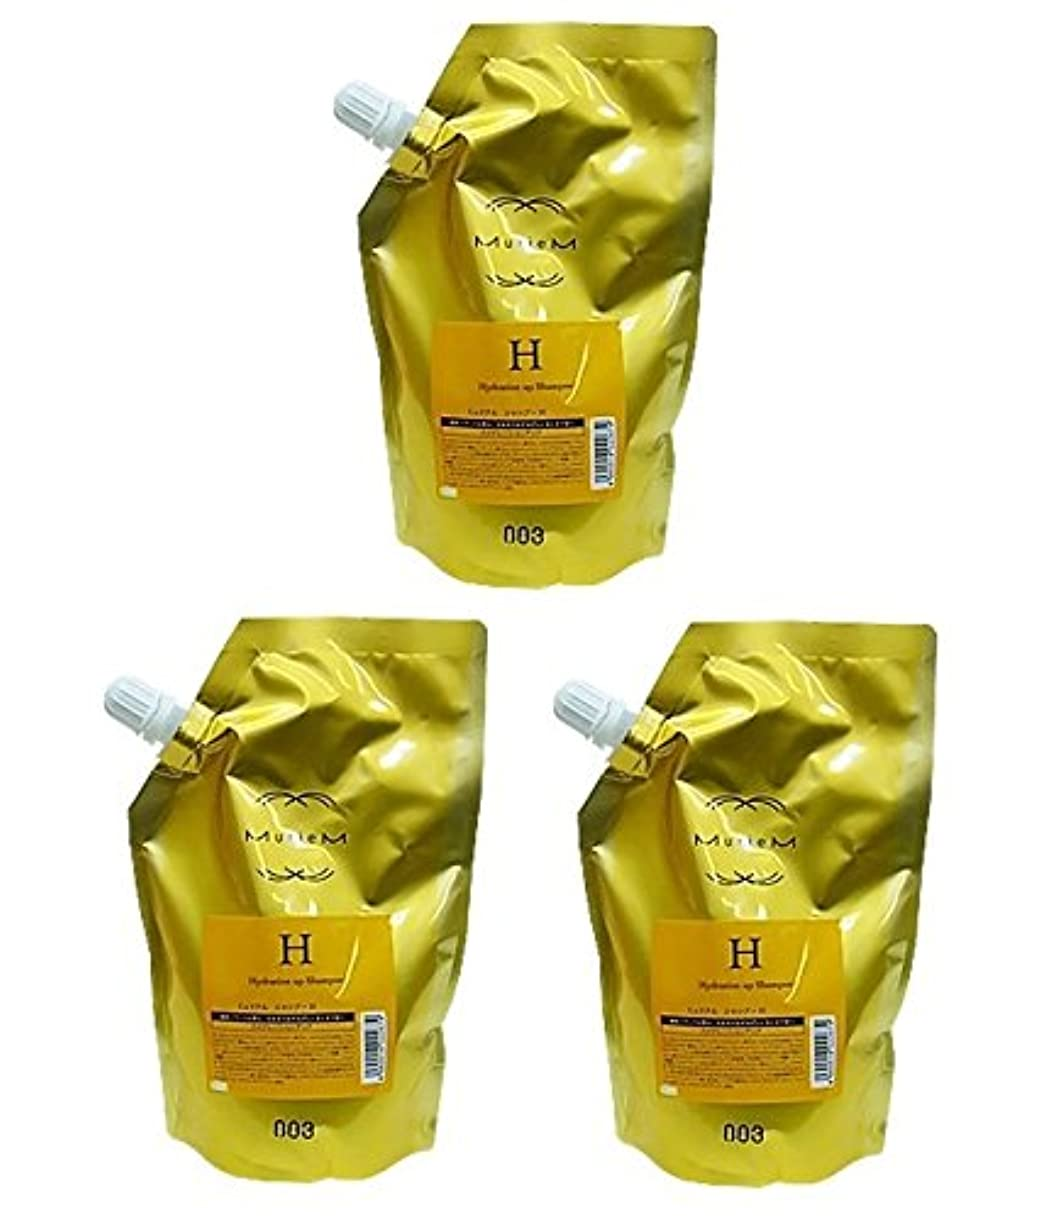 過剰女性楕円形【X3個セット】 ナンバースリー ミュリアム ゴールド シャンプー H 500ml 詰替え用